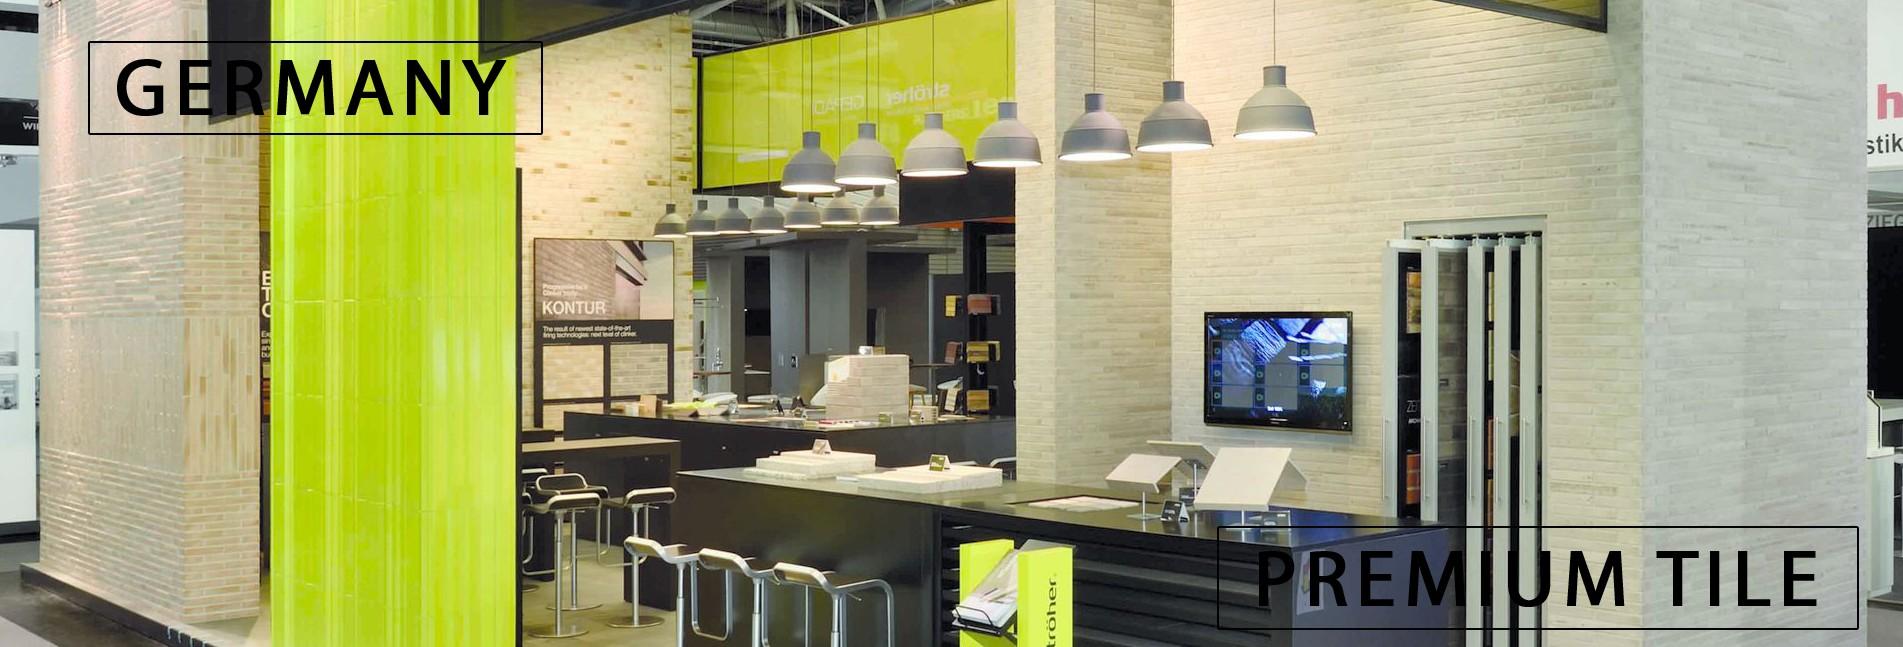 Stroeher Discount Center - Munchen 2017